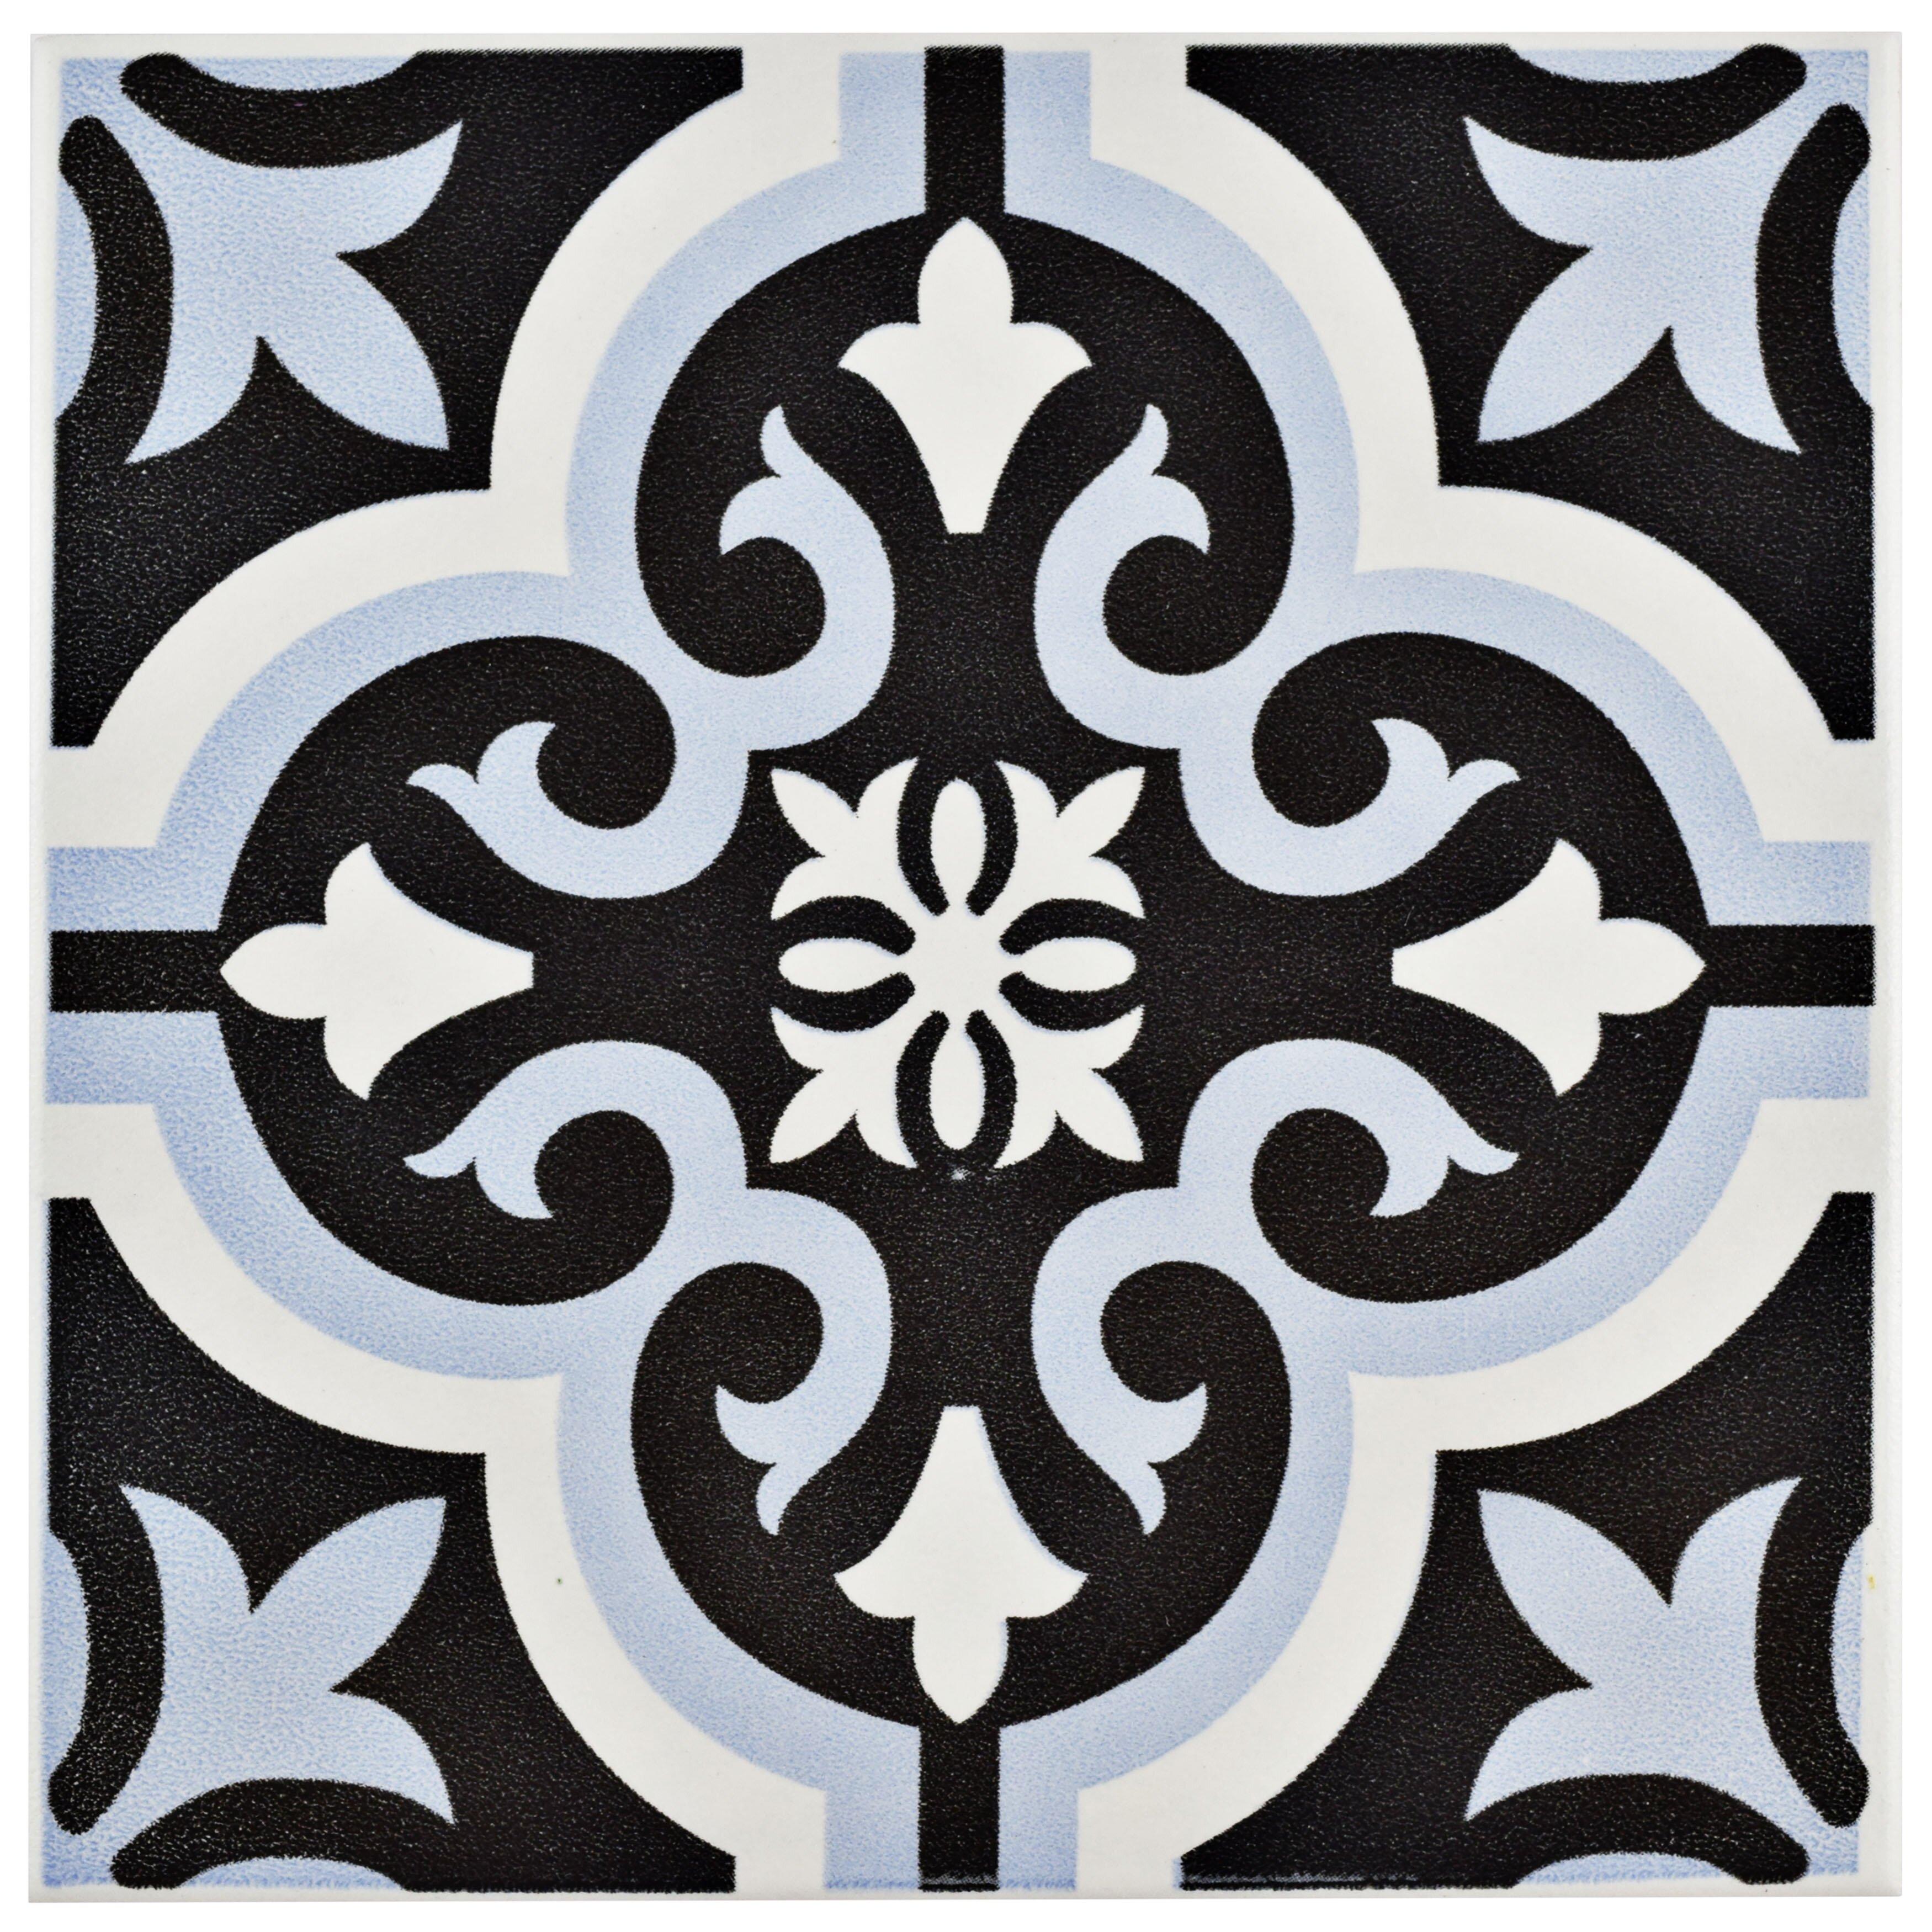 patterned ceramic tile - urevoo